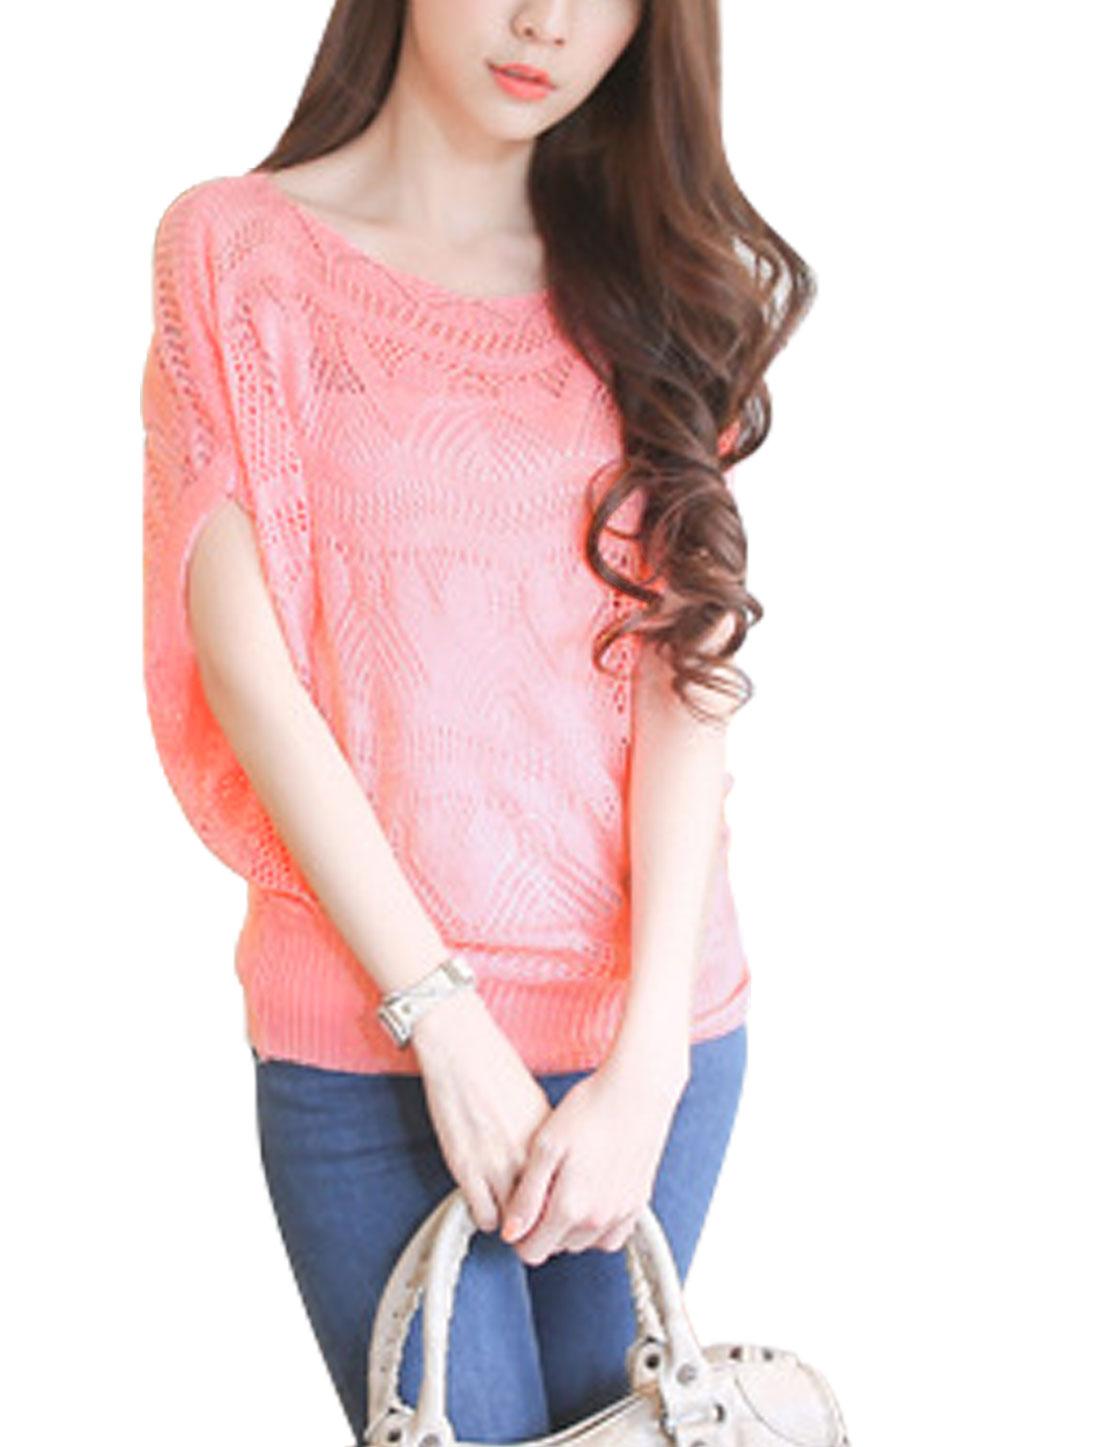 Ladies Scoop Neck Short Raglan Sleeve Knitting Top Pink S